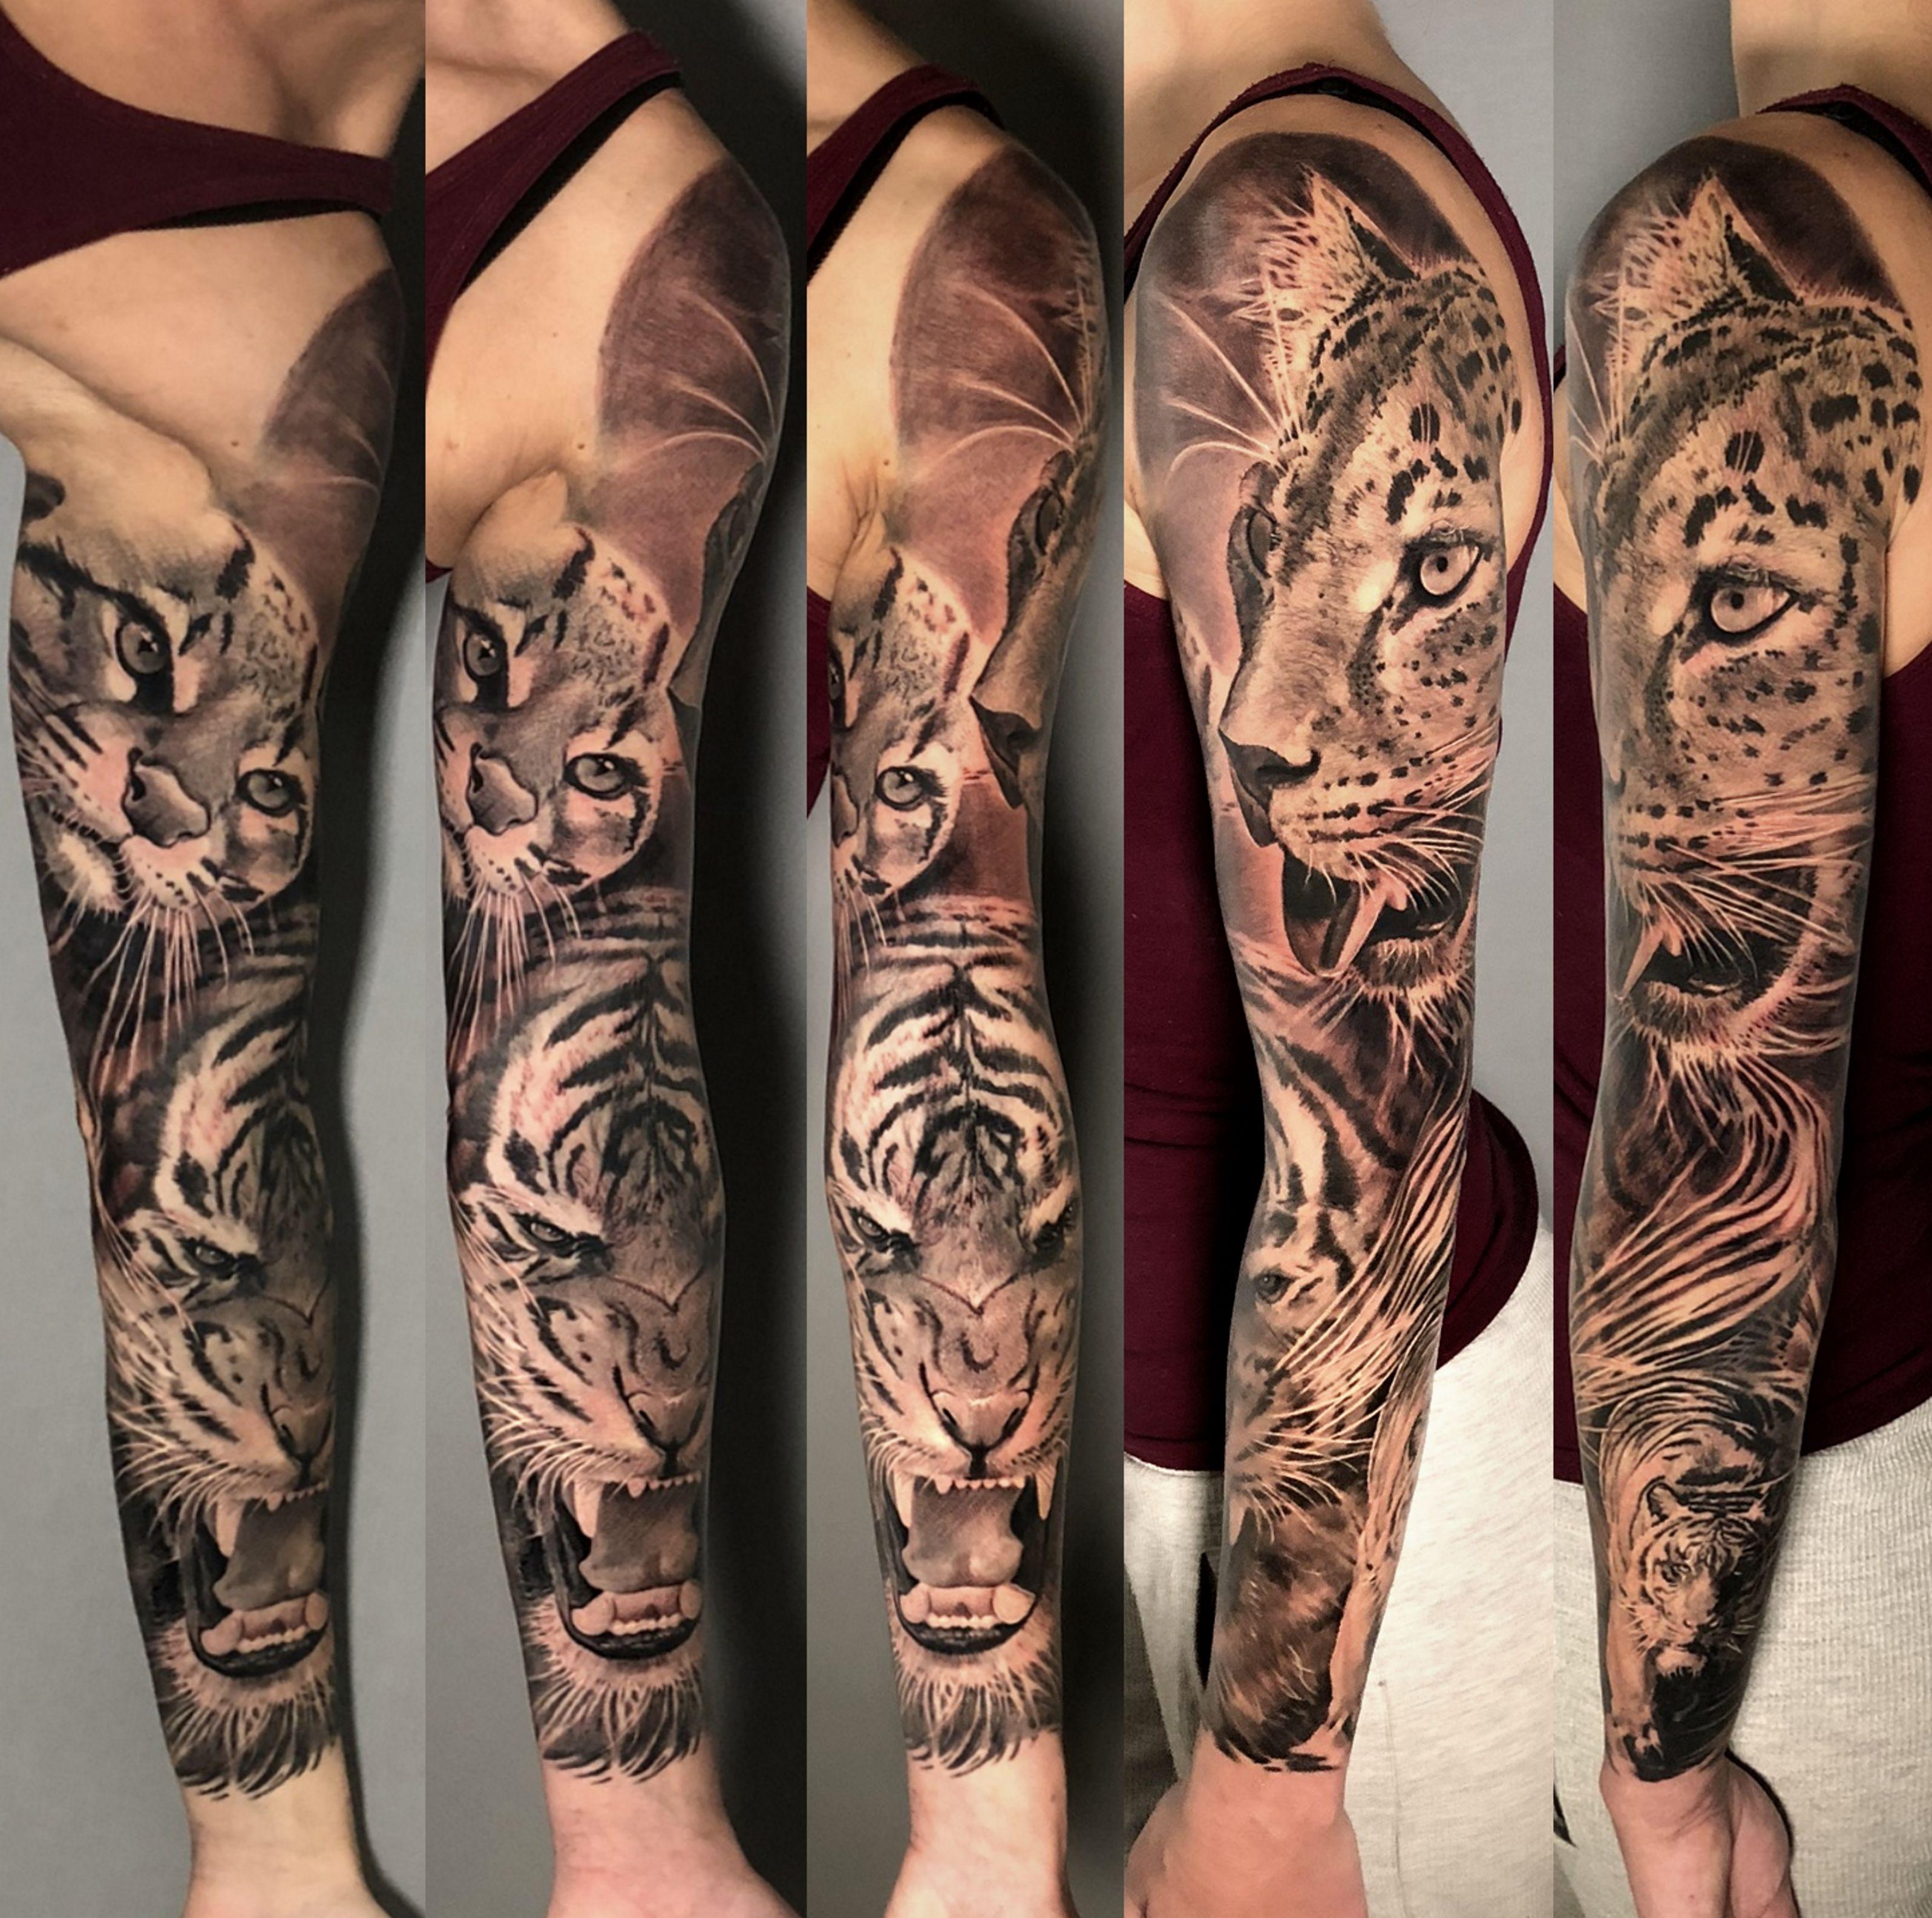 Feline Sleeve Half Healed Leopardovye Tatu Seraya Tatuirovka Tatuirovki Rukava